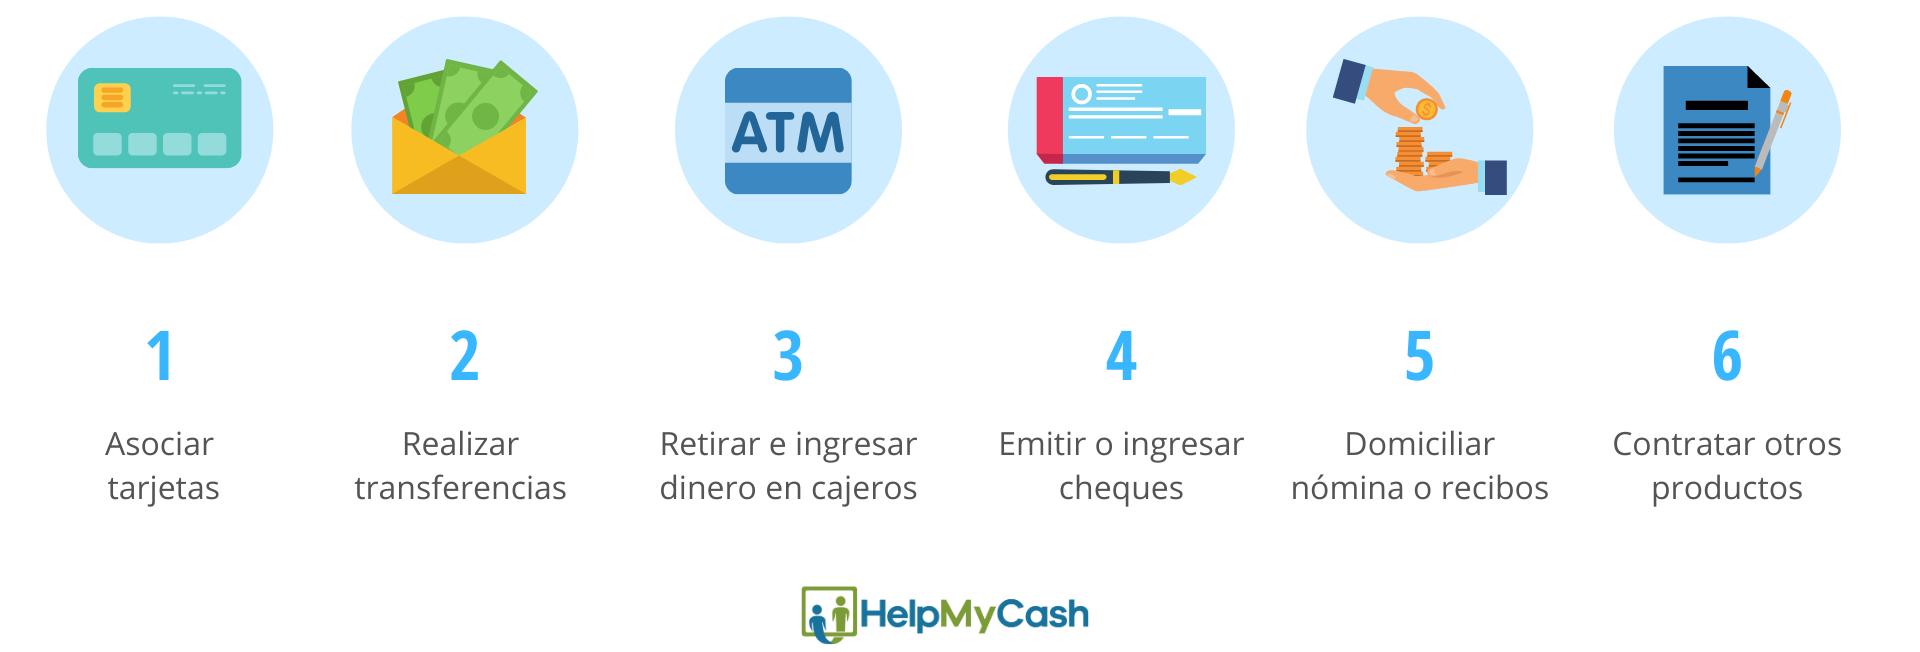 cuentas nómina permiten: 1-asociar tarjetas. 2-realizar transferencias. 3-retirar e ingresar dinero en cajeros. 4-emitir  ingresar cheques. 5-domiciliar nomina o recibos. 6-contratar otros productos.